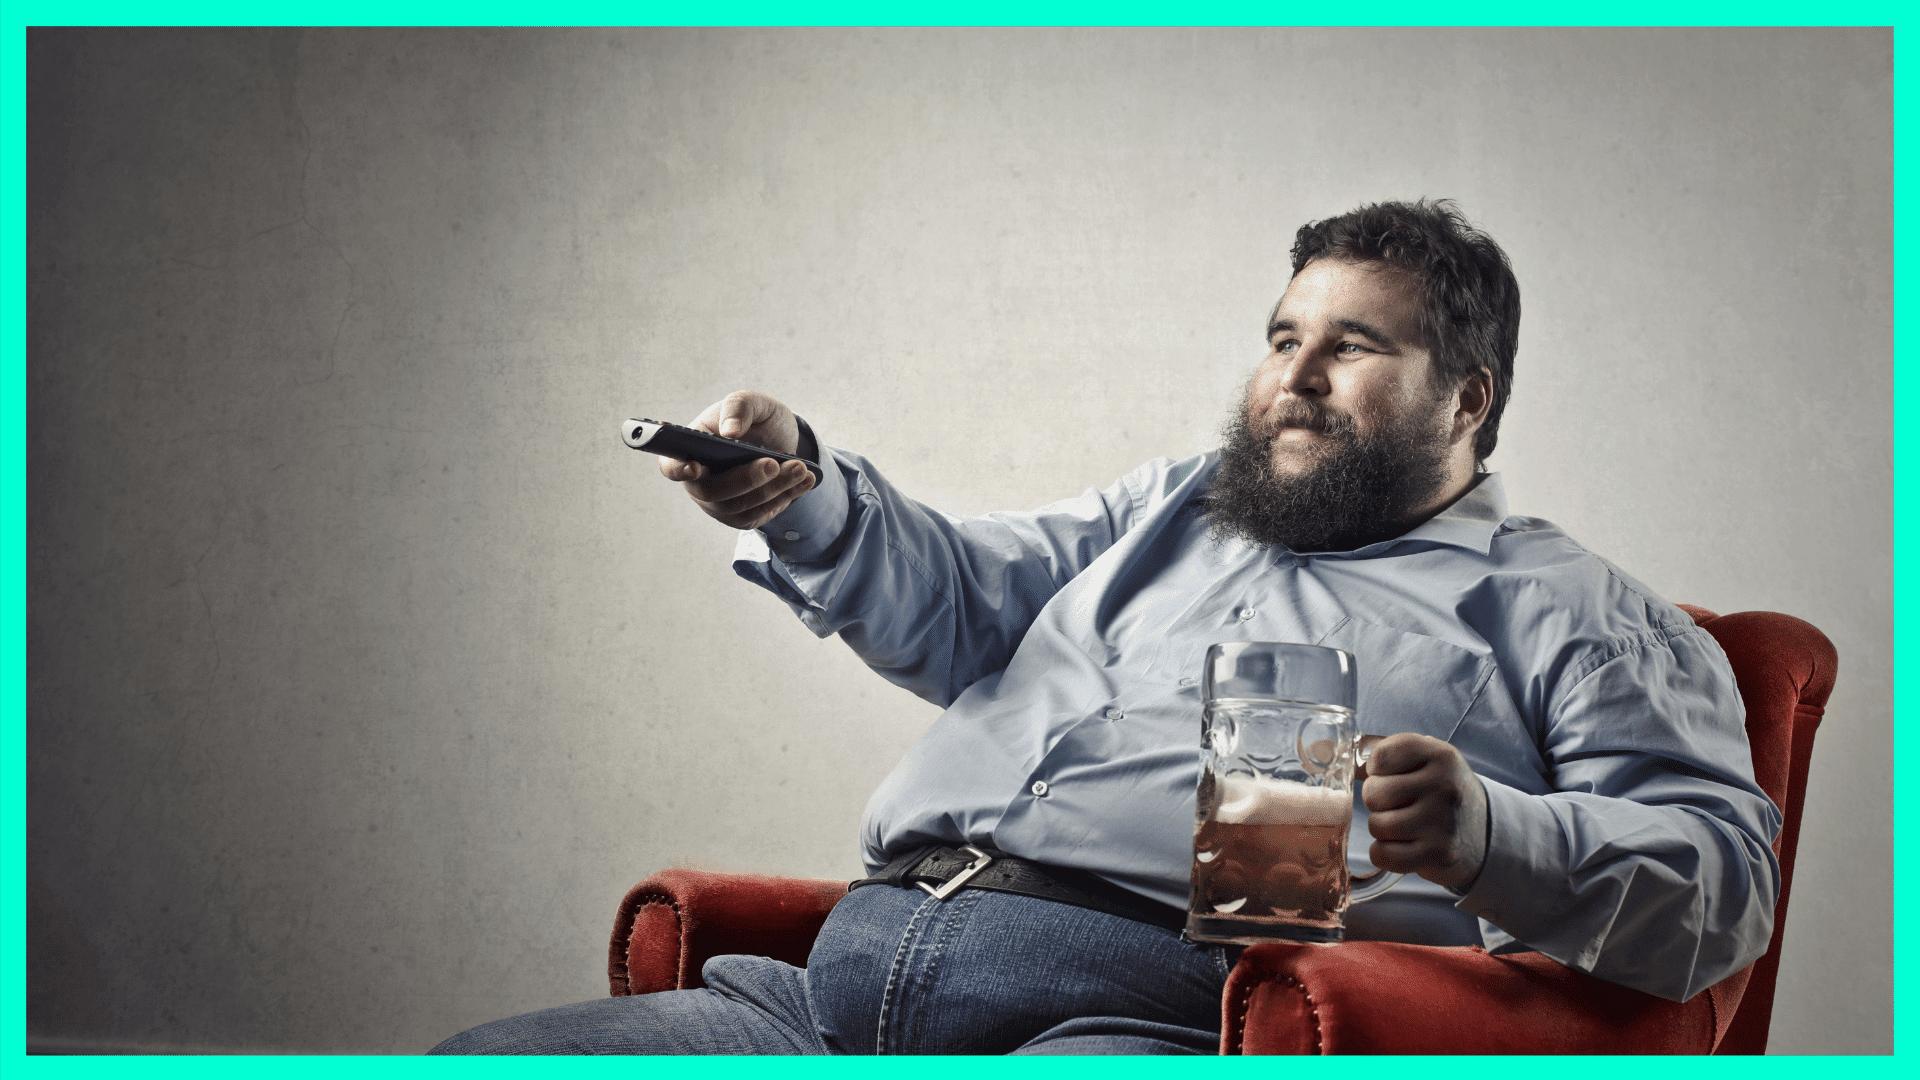 Mann sitzt auf der Couch mit Bier und TV-Fernbedienung